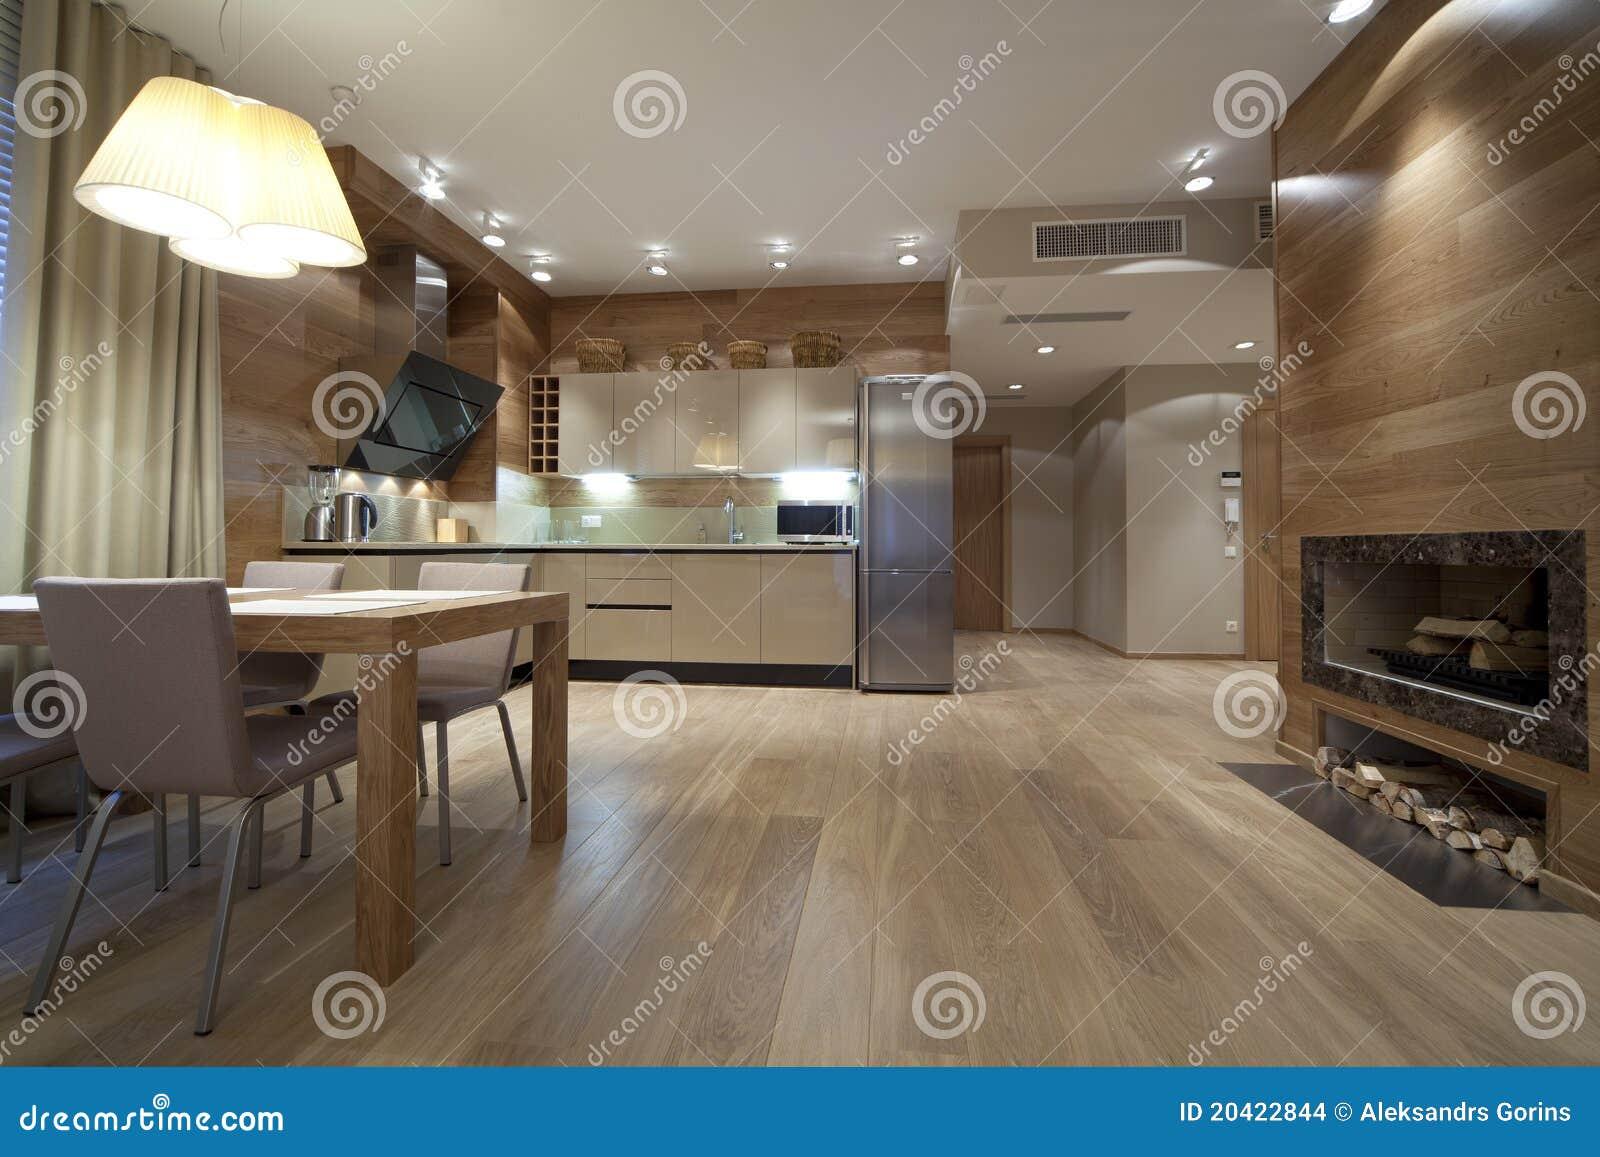 Küche stockfoto. Bild von tür, dekor, haupt, dekorativ - 20422844